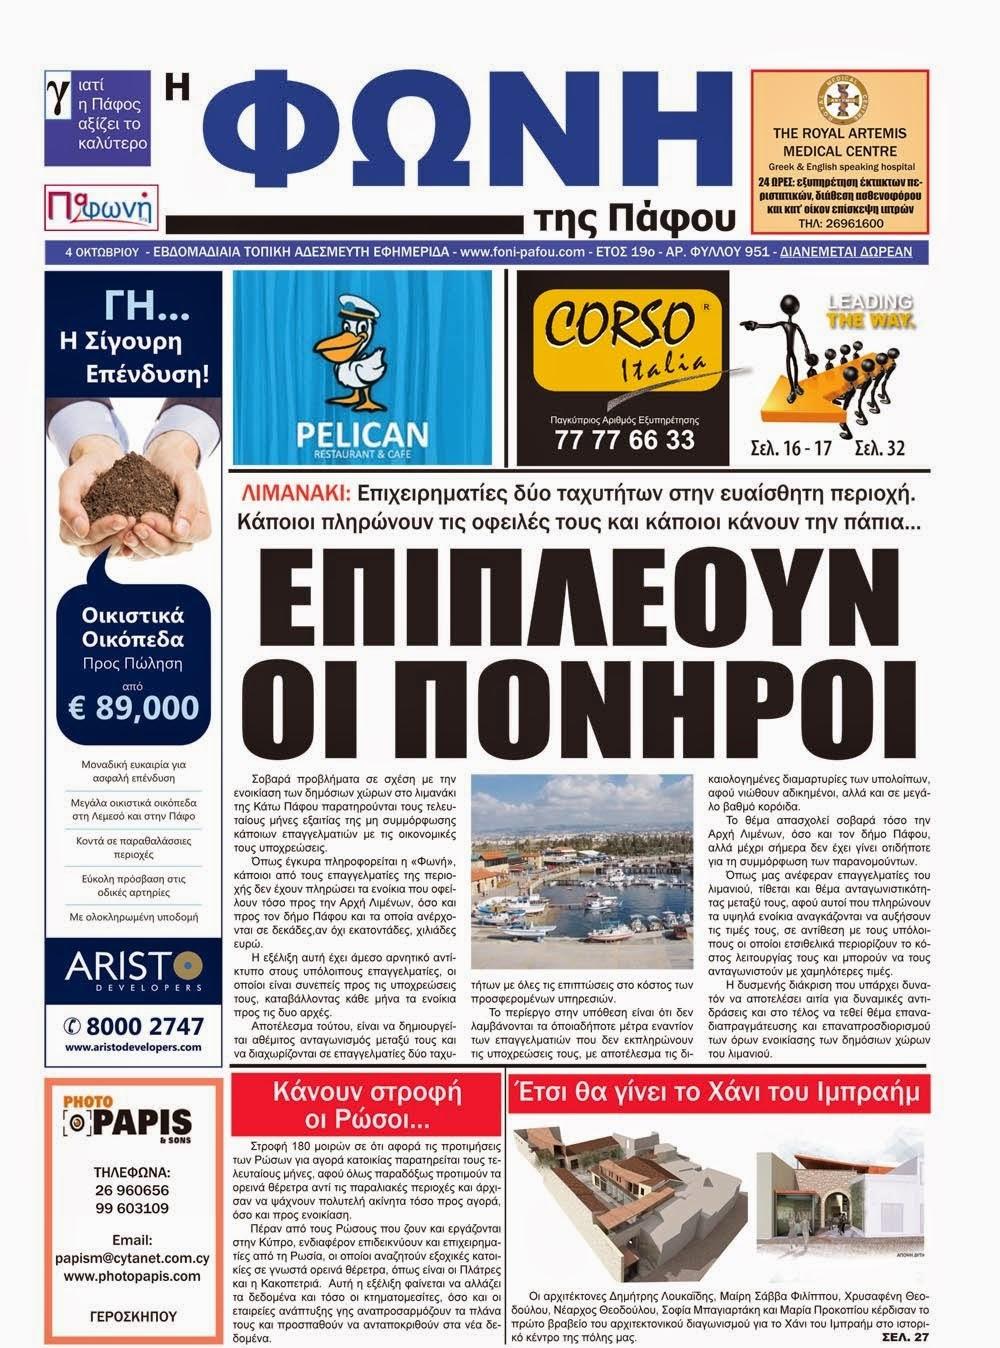 ΕΚΔΟΣΗ 951 - ΗΜΕΡ. 04/10/14